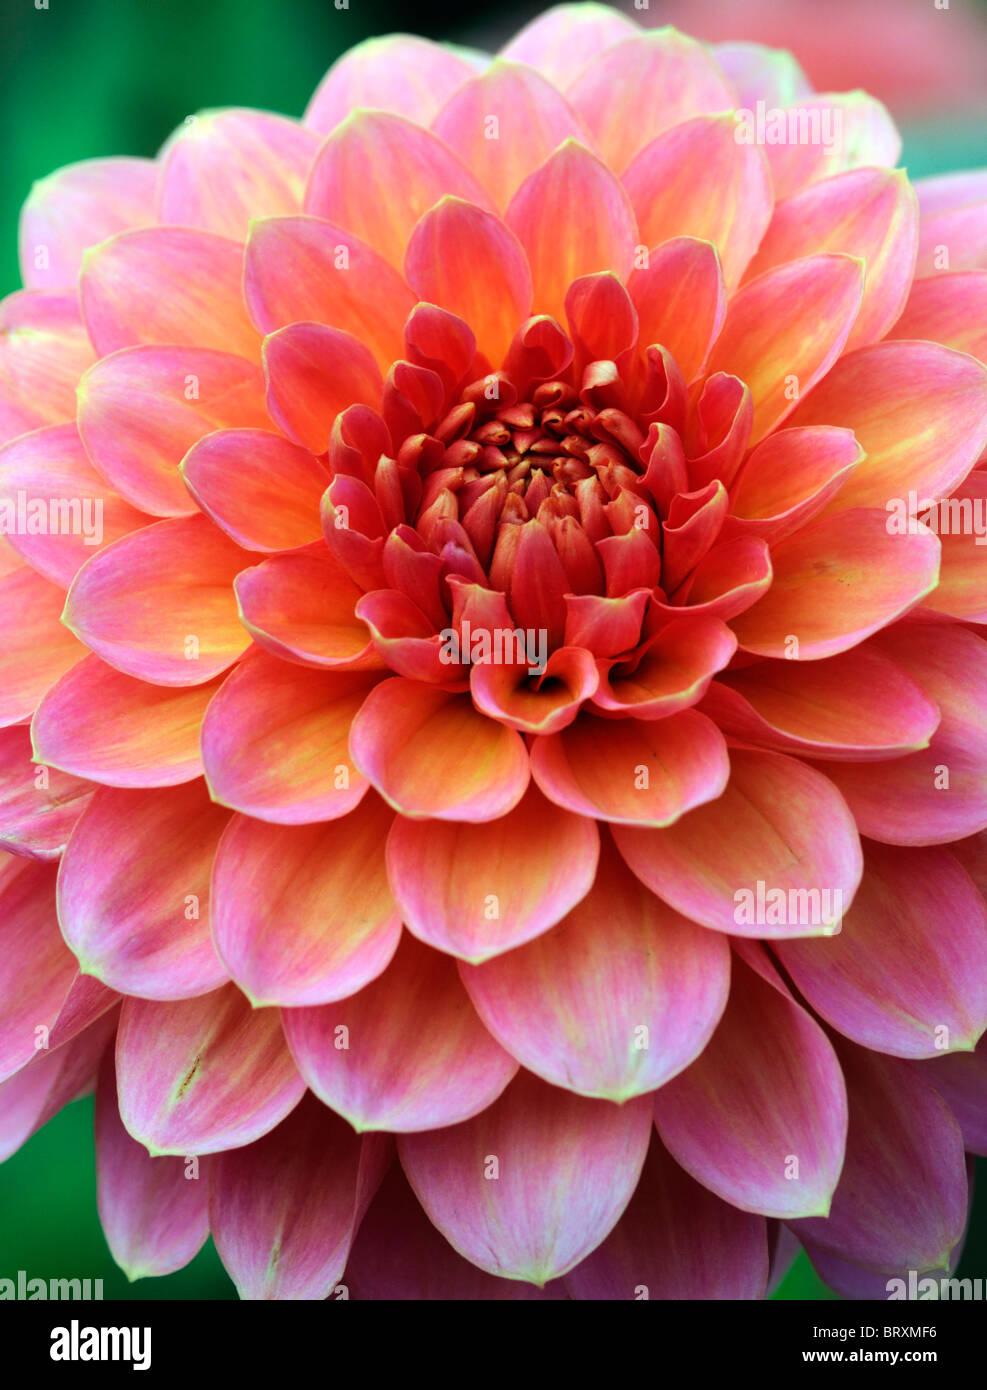 Altrosa Mischen farbe mischen rosa best farben mischen reinen acrylnagel kunst